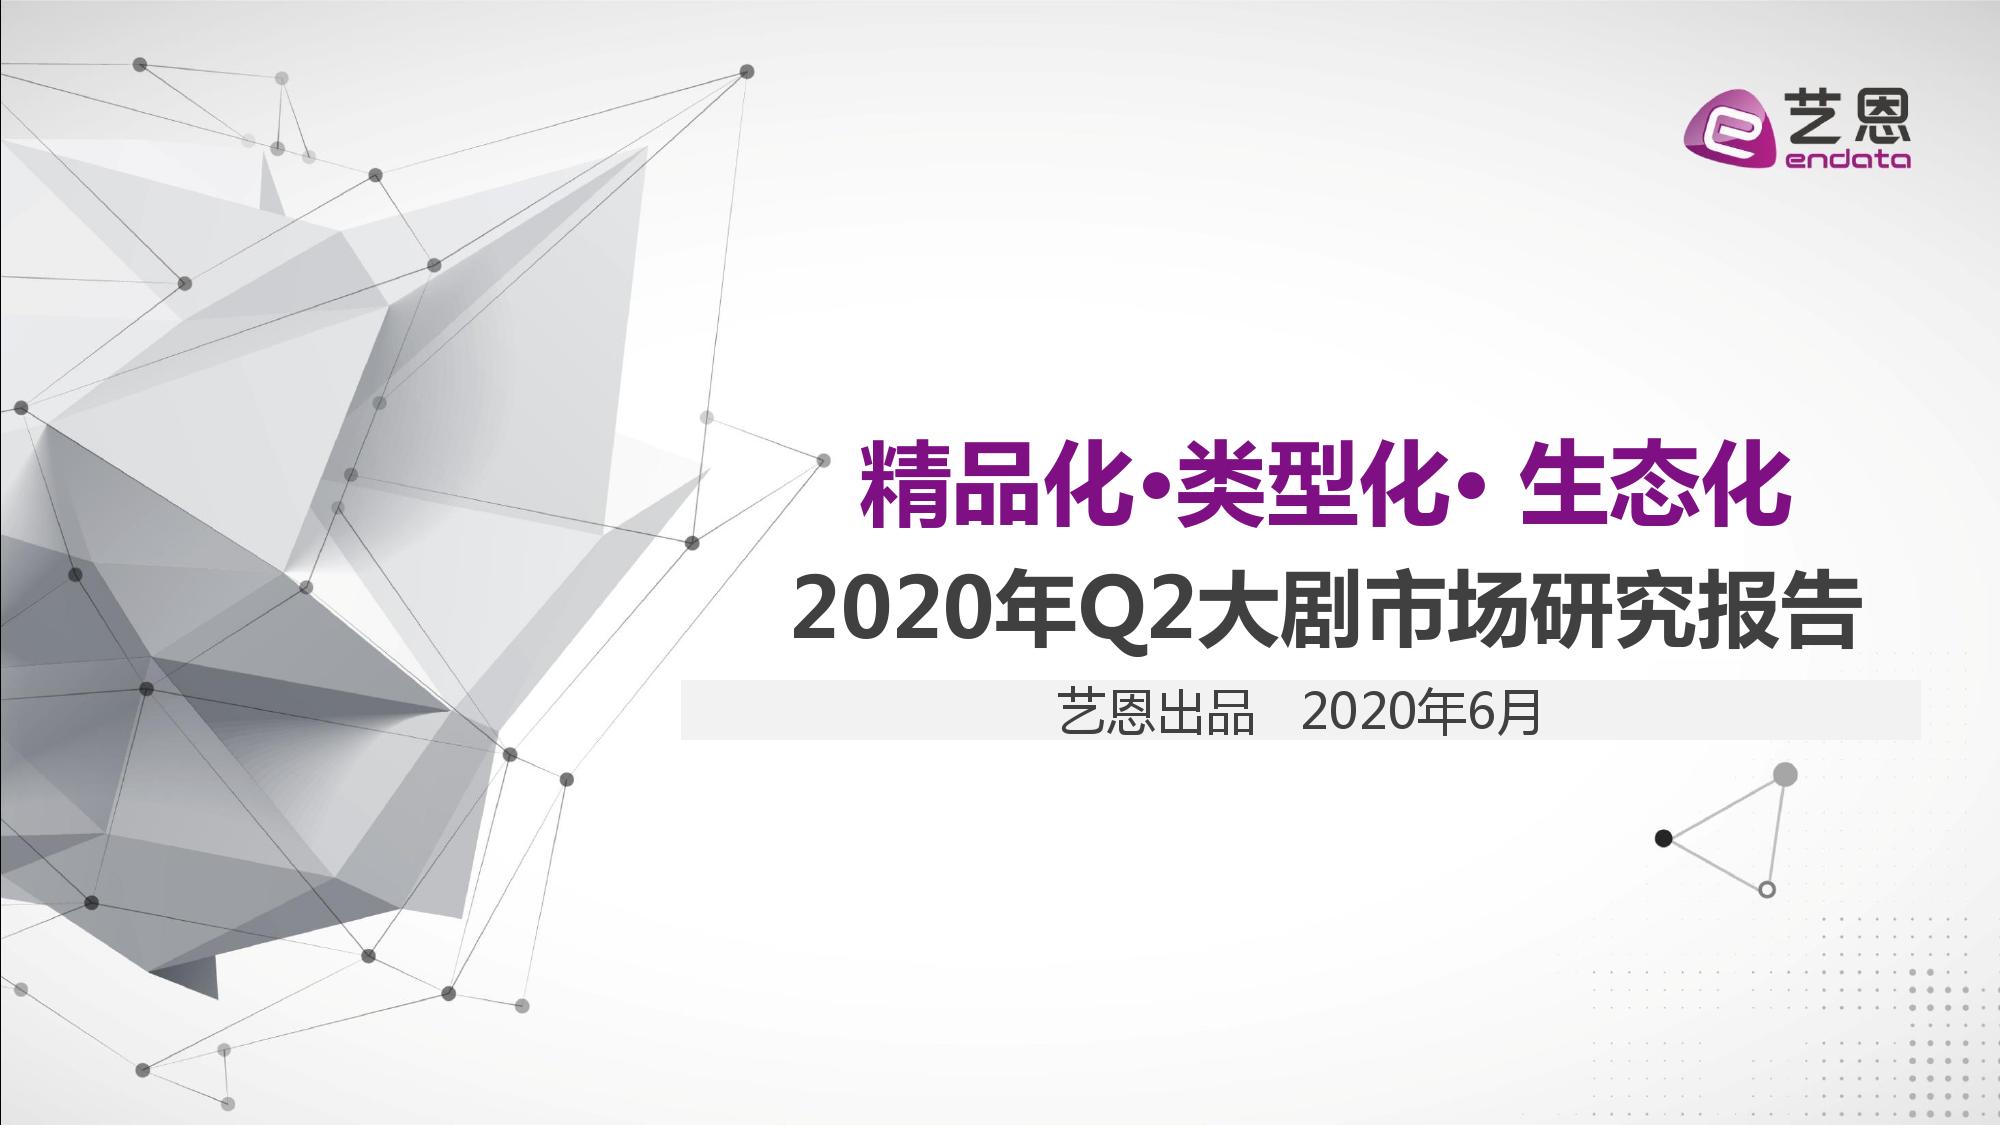 艺恩数据:2020年Q2大剧市场研究报告(附下载)